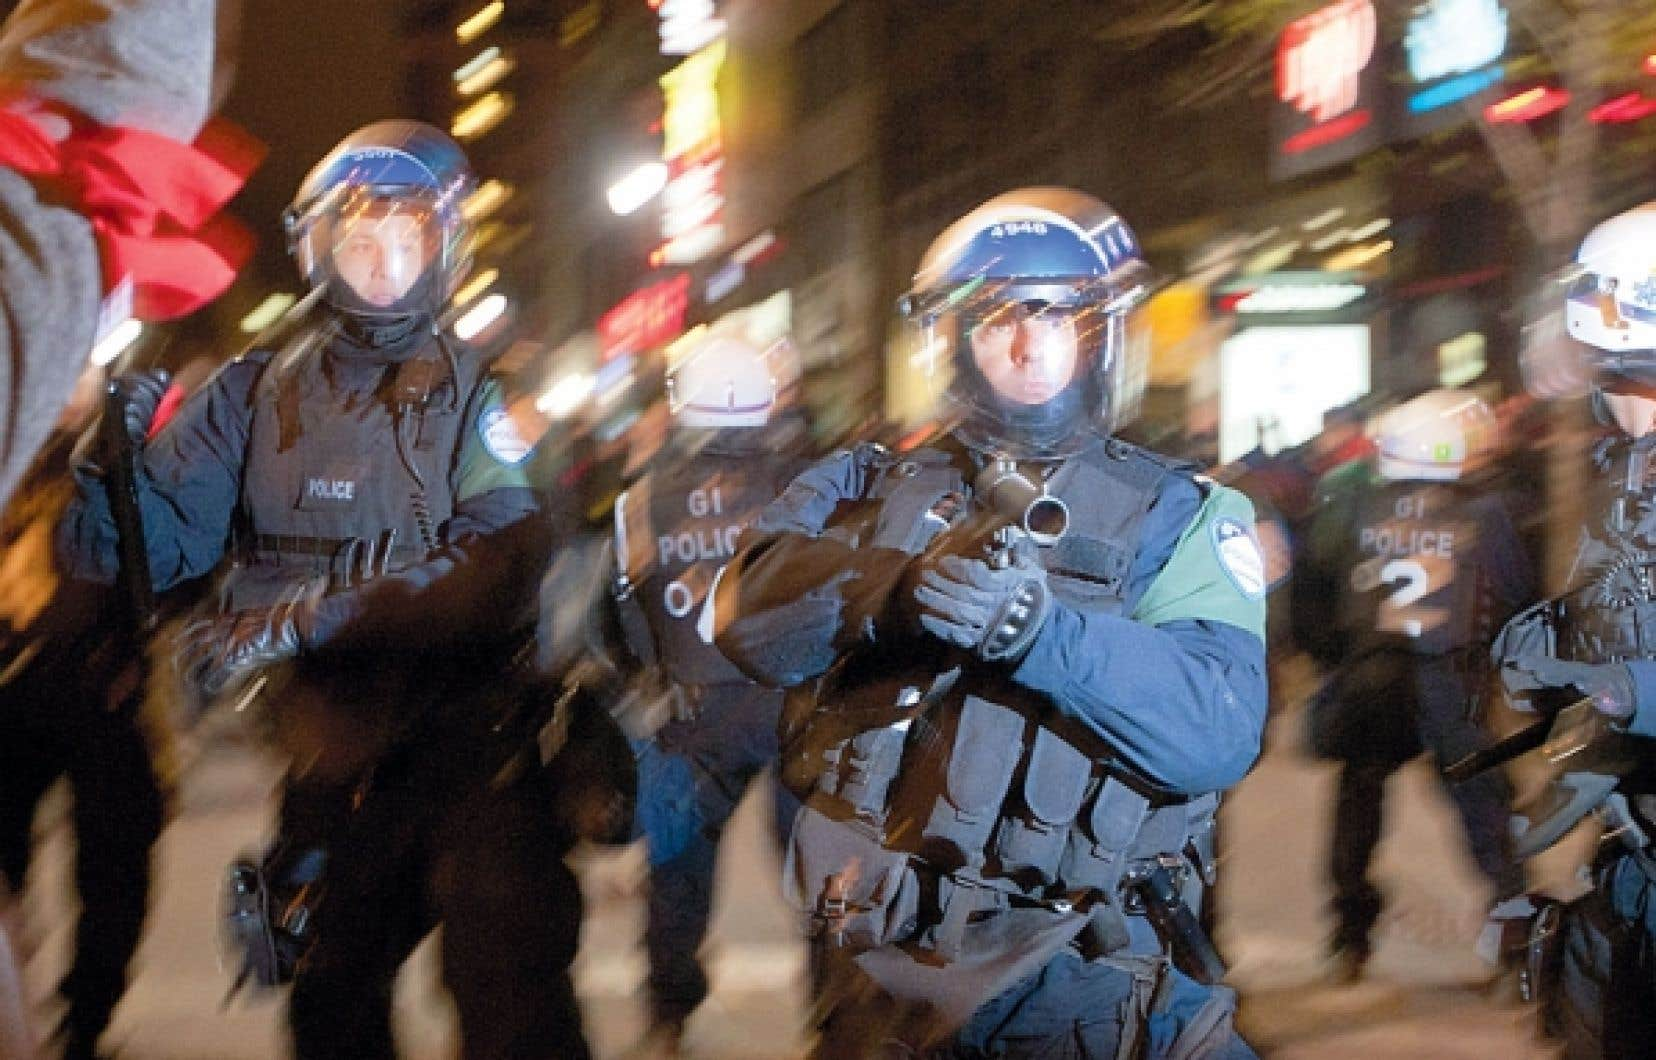 Des policiers interviennent pour disperser des manifestants à Montréal.